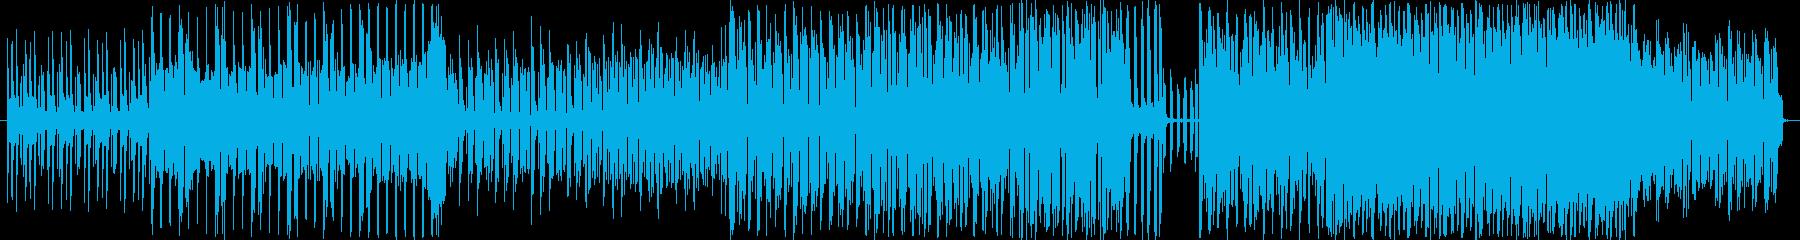 思わずリズムにのってしまうテクノの再生済みの波形